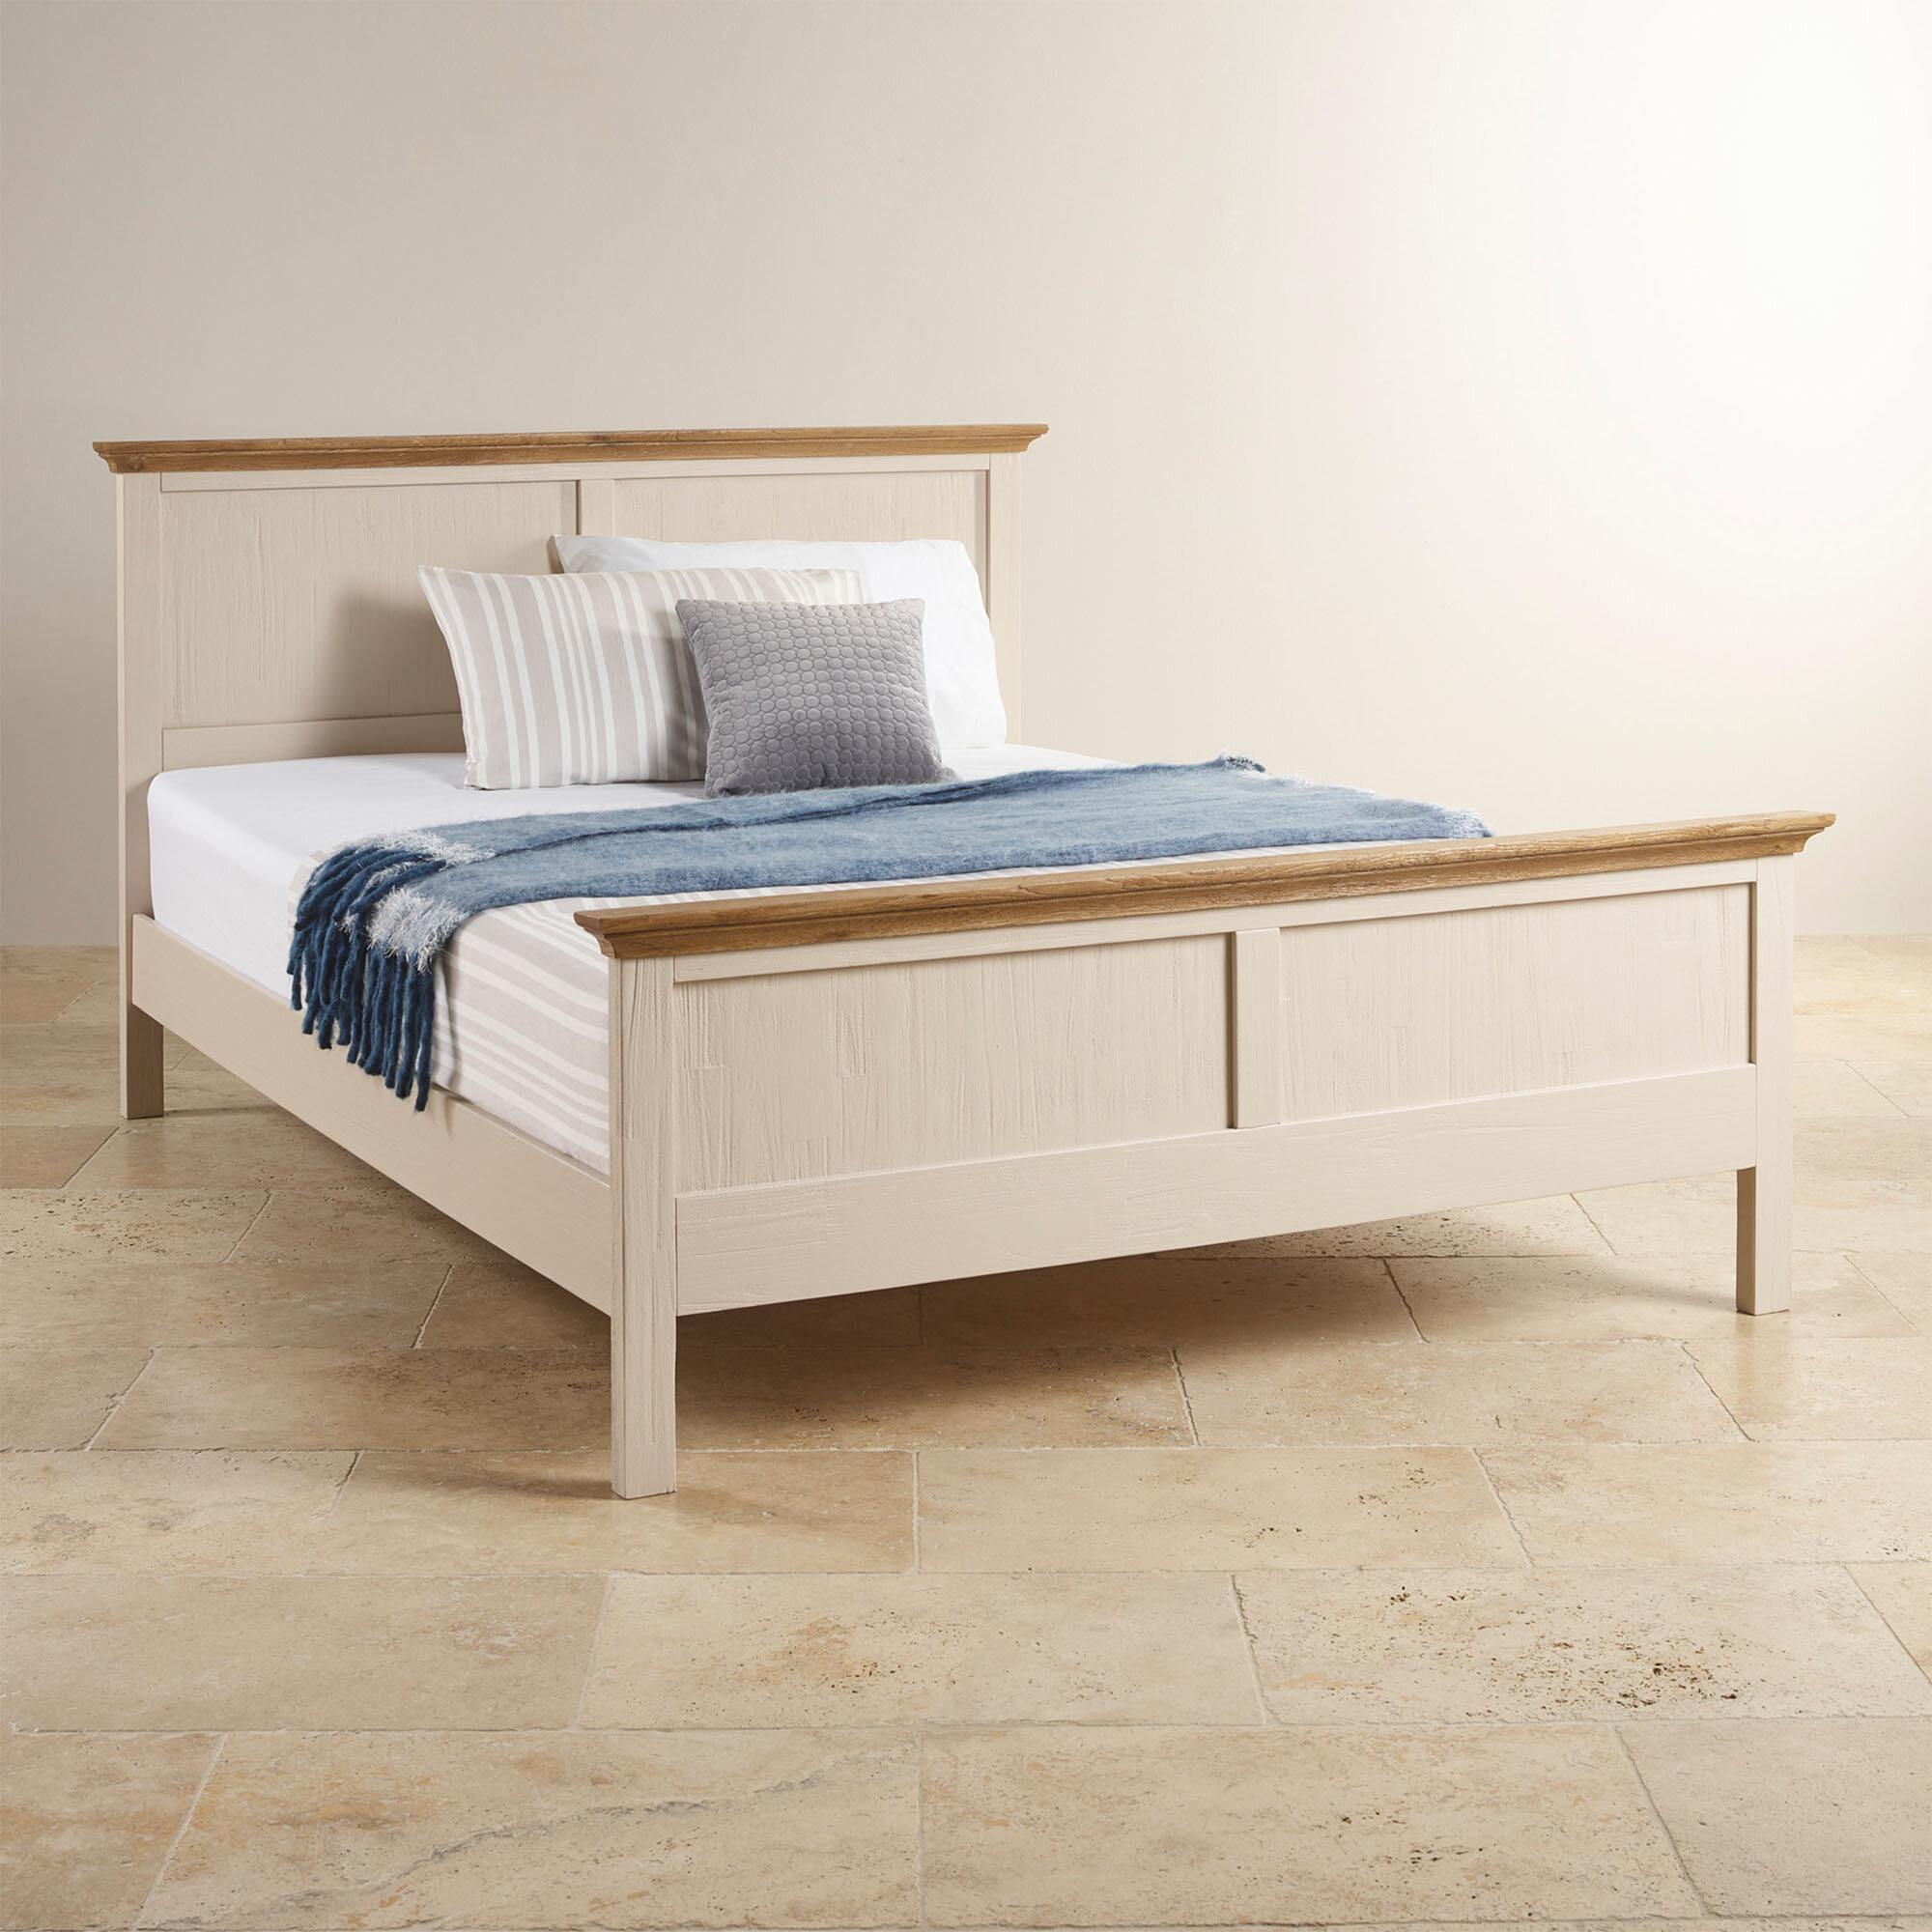 Mẫu giường đơn Cozino Sark sở hữu kết cấu thanh lịch và màu sắc nhã nhặn